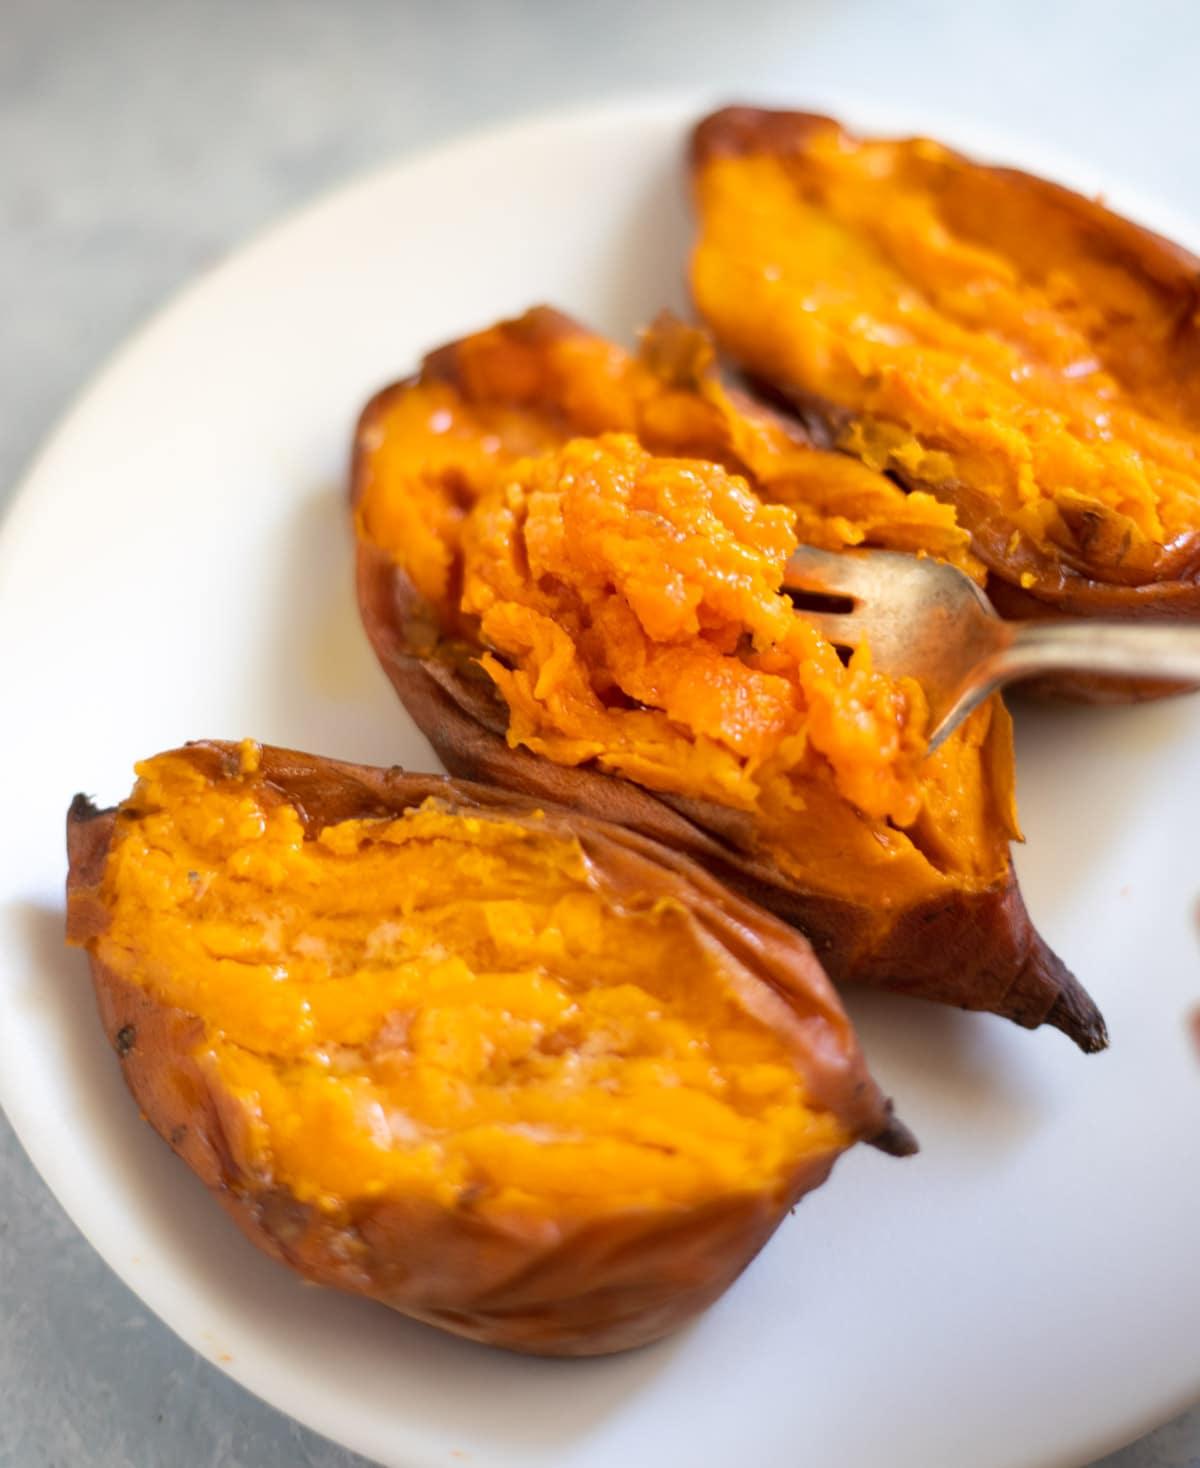 Tender creamy sweet potato flesh in a fork